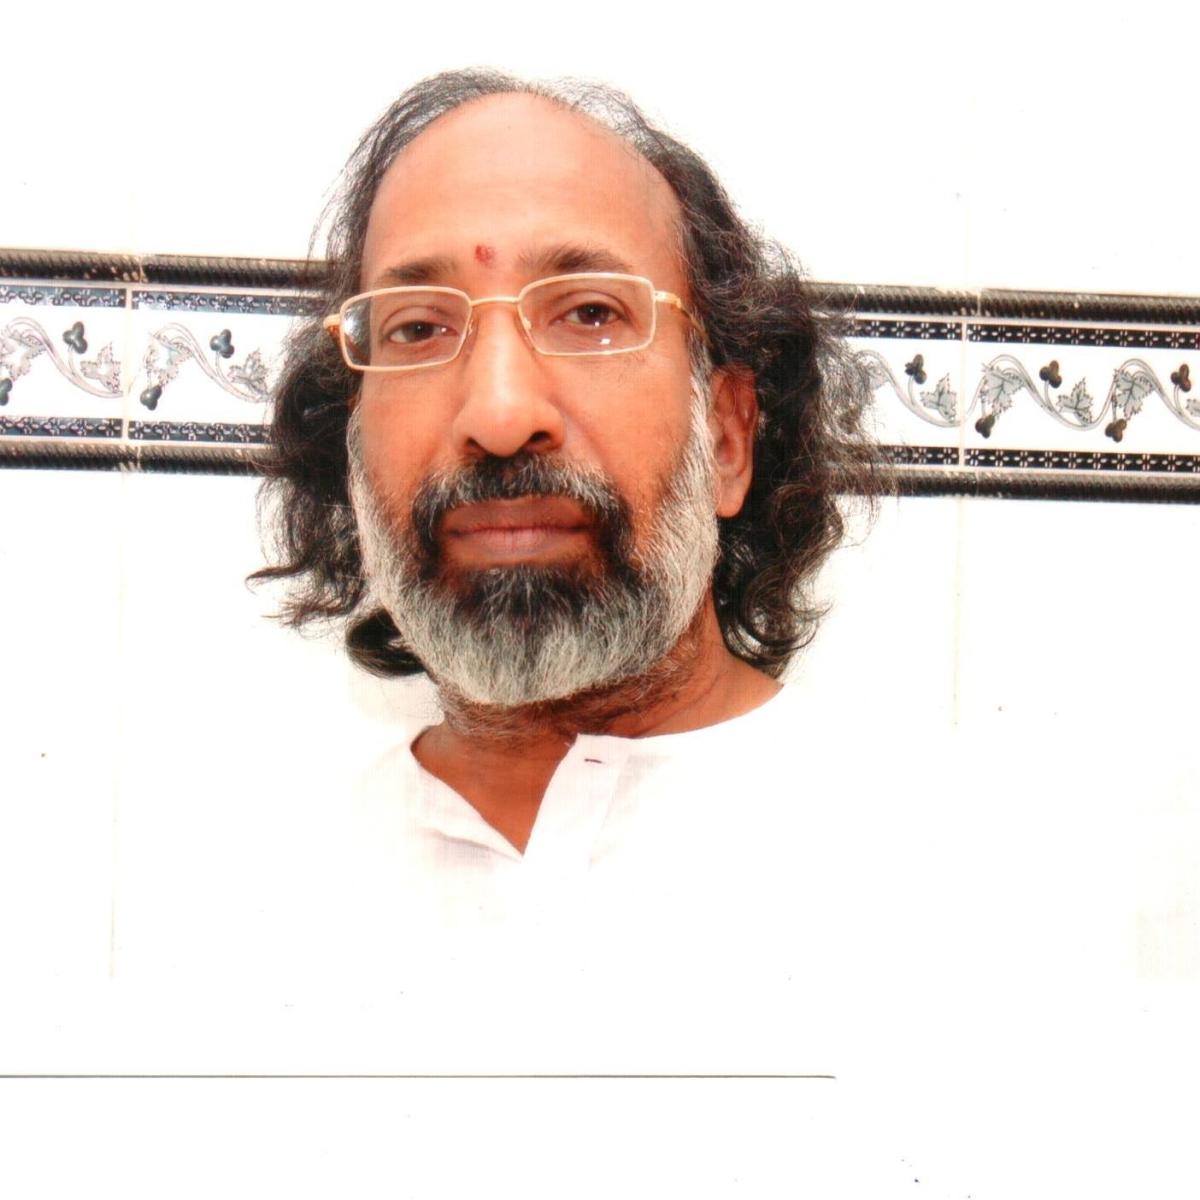 திருப்பூர் கிருஷ்ணன்